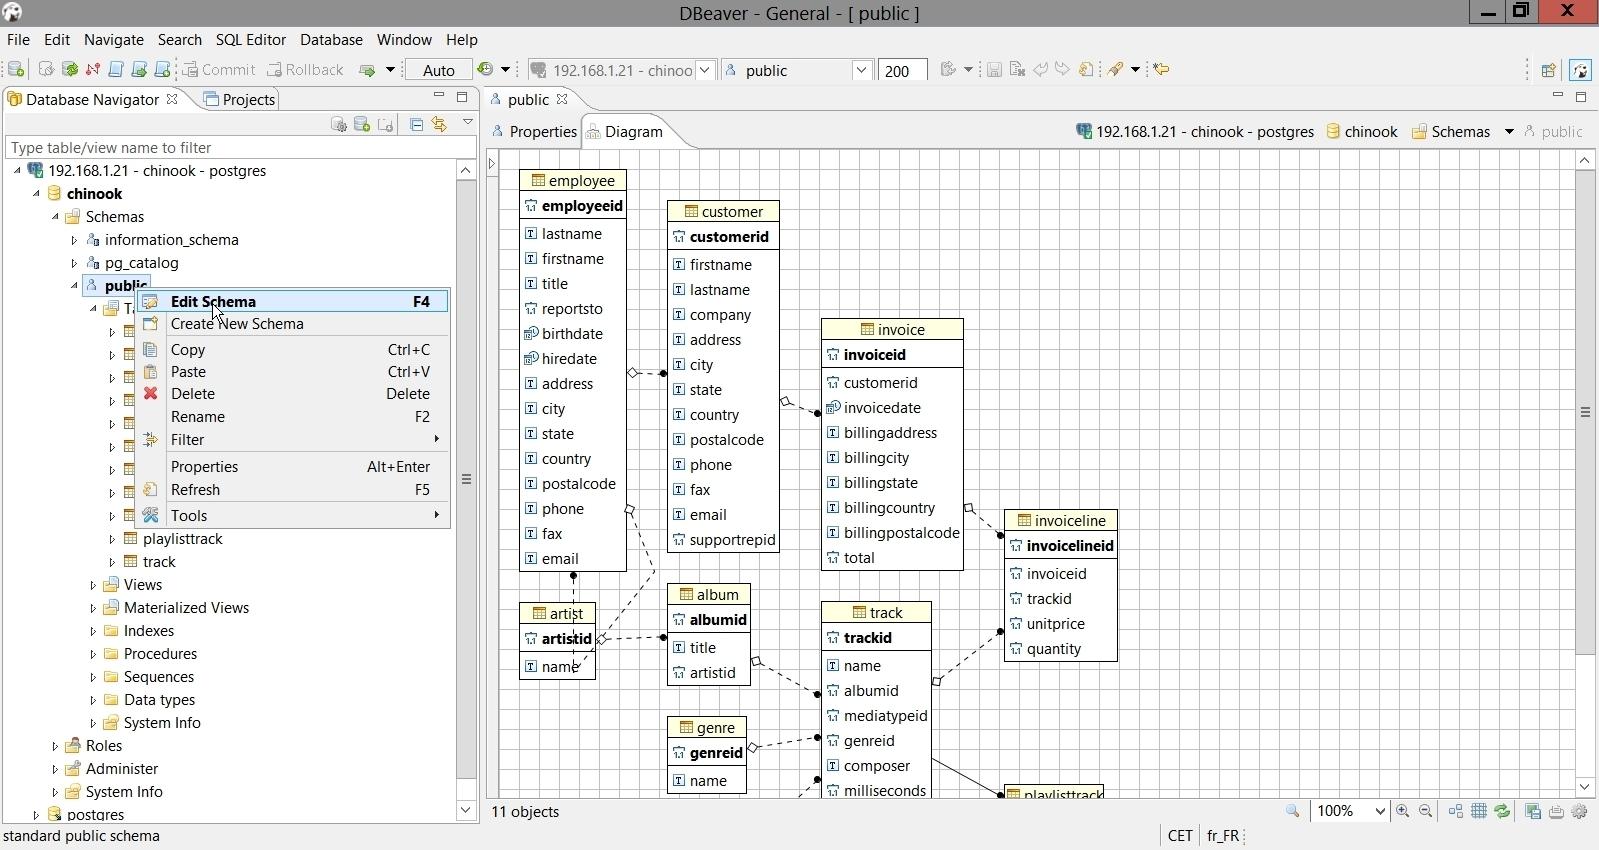 Le MPD proposé par DBeaver sur le schéma d'une base de données PostgreSQL